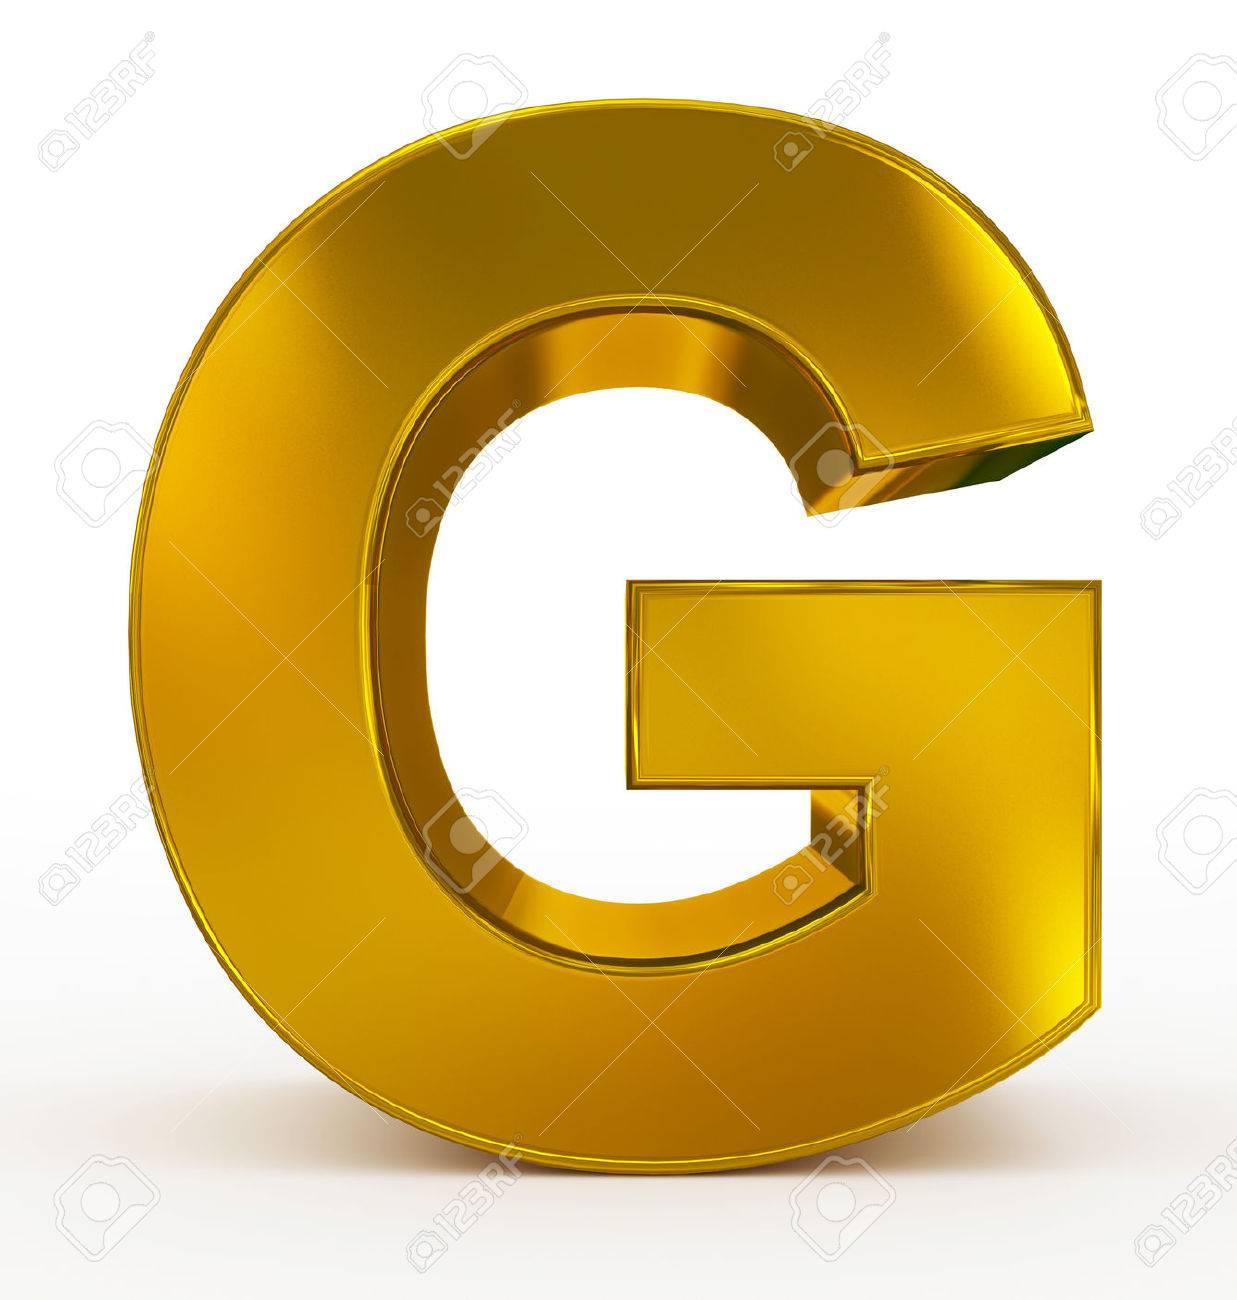 letter g 3d golden